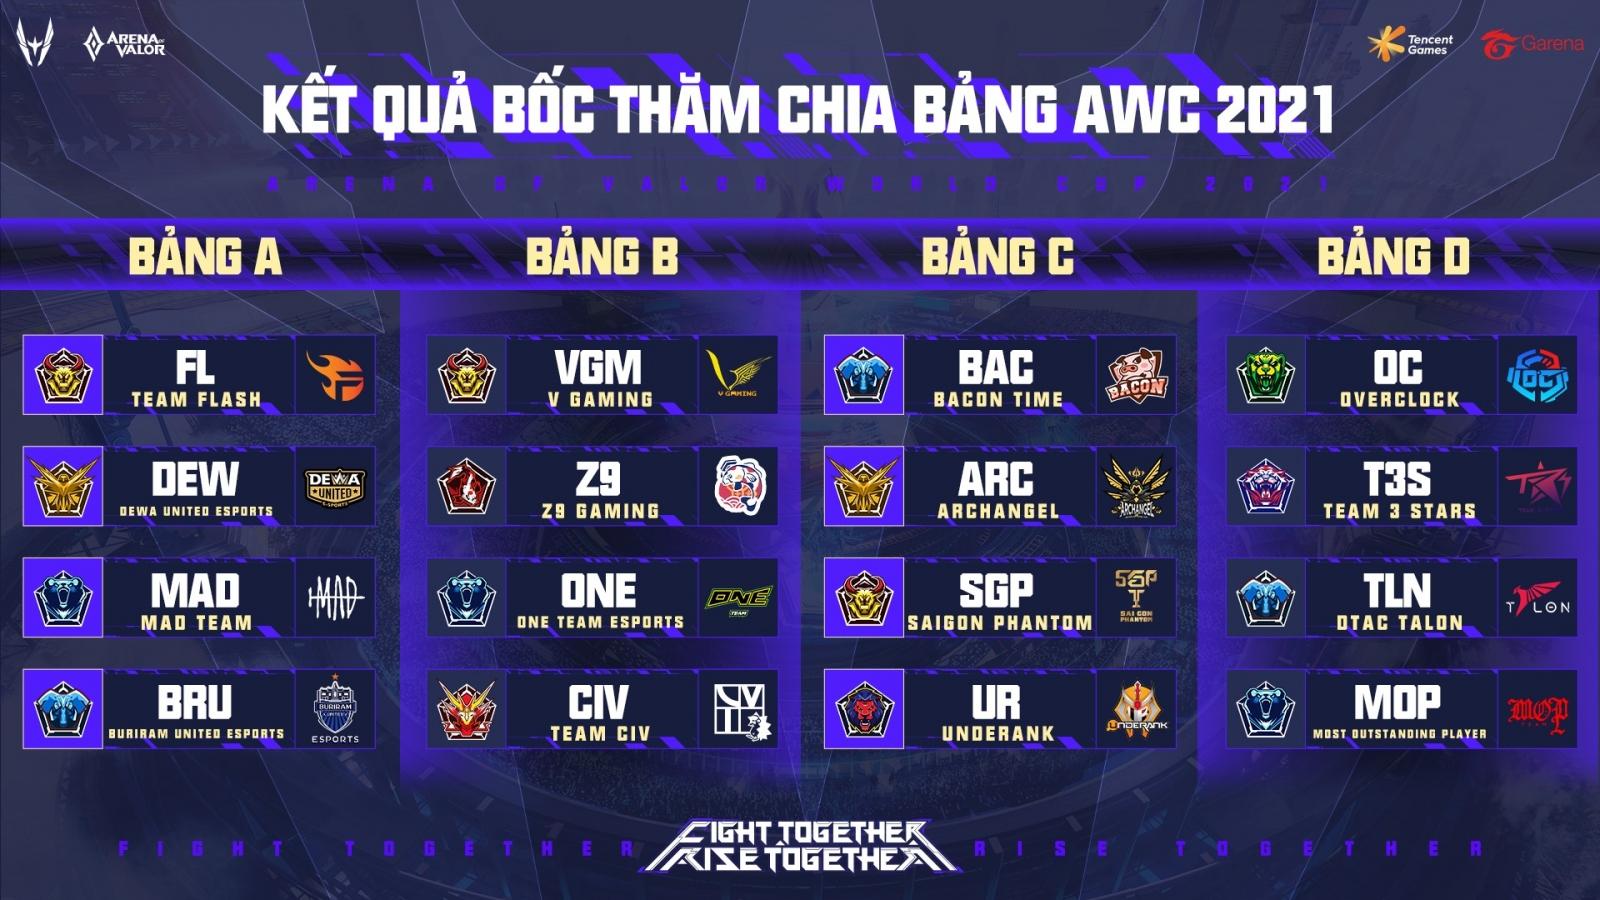 Kết quả bốc thăm AWC 2021: Team Flash của Việt Nam rơi vào bảng tử thần